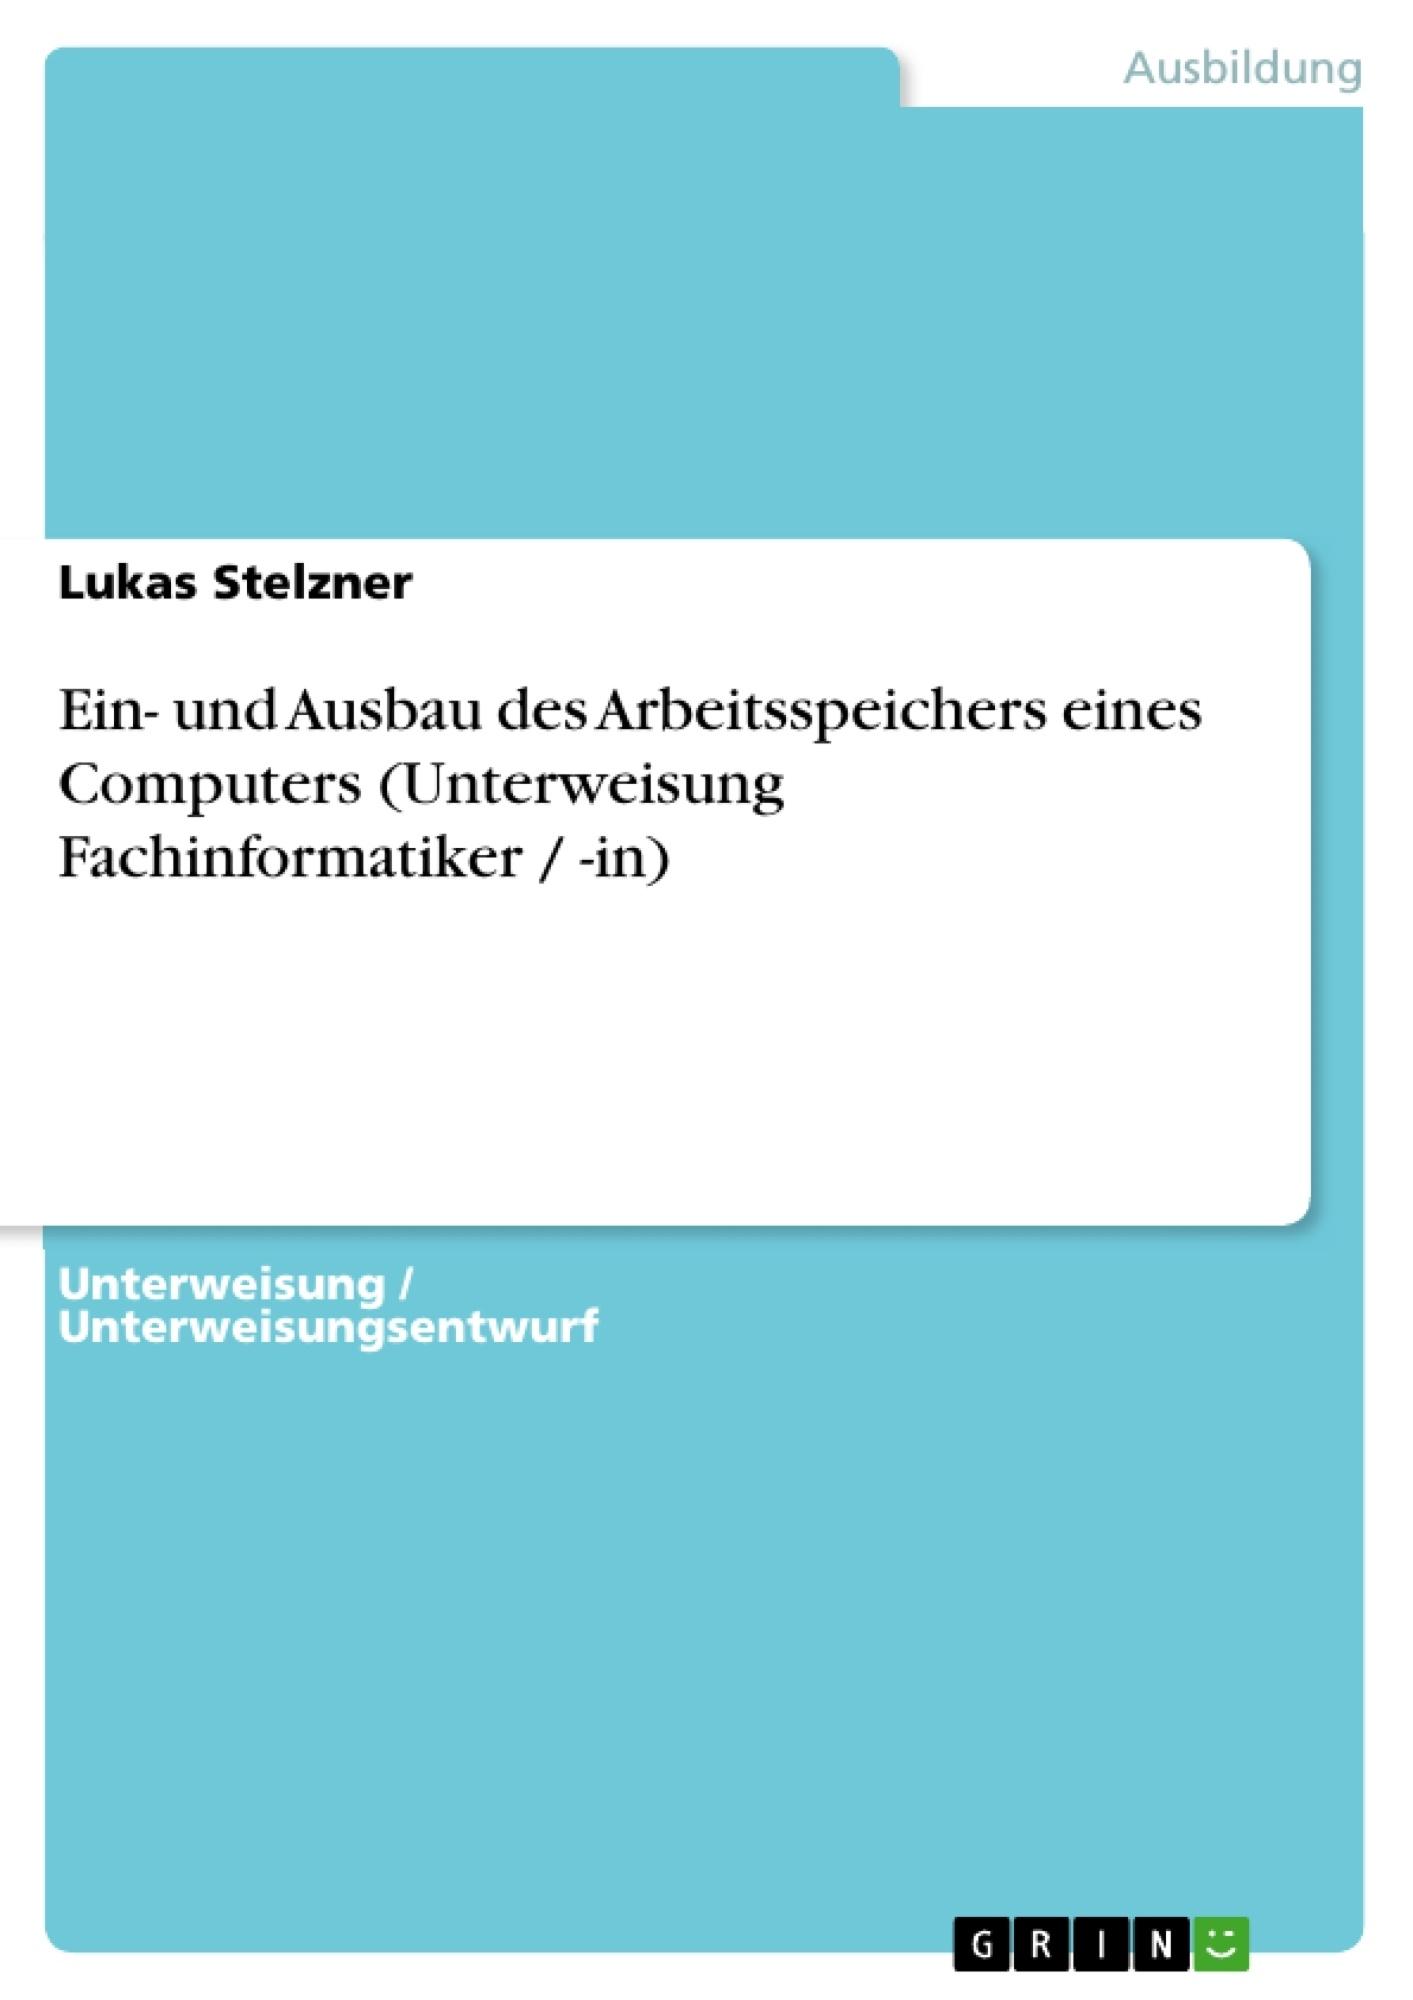 Titel: Ein- und Ausbau des  Arbeitsspeichers eines Computers (Unterweisung Fachinformatiker / -in)